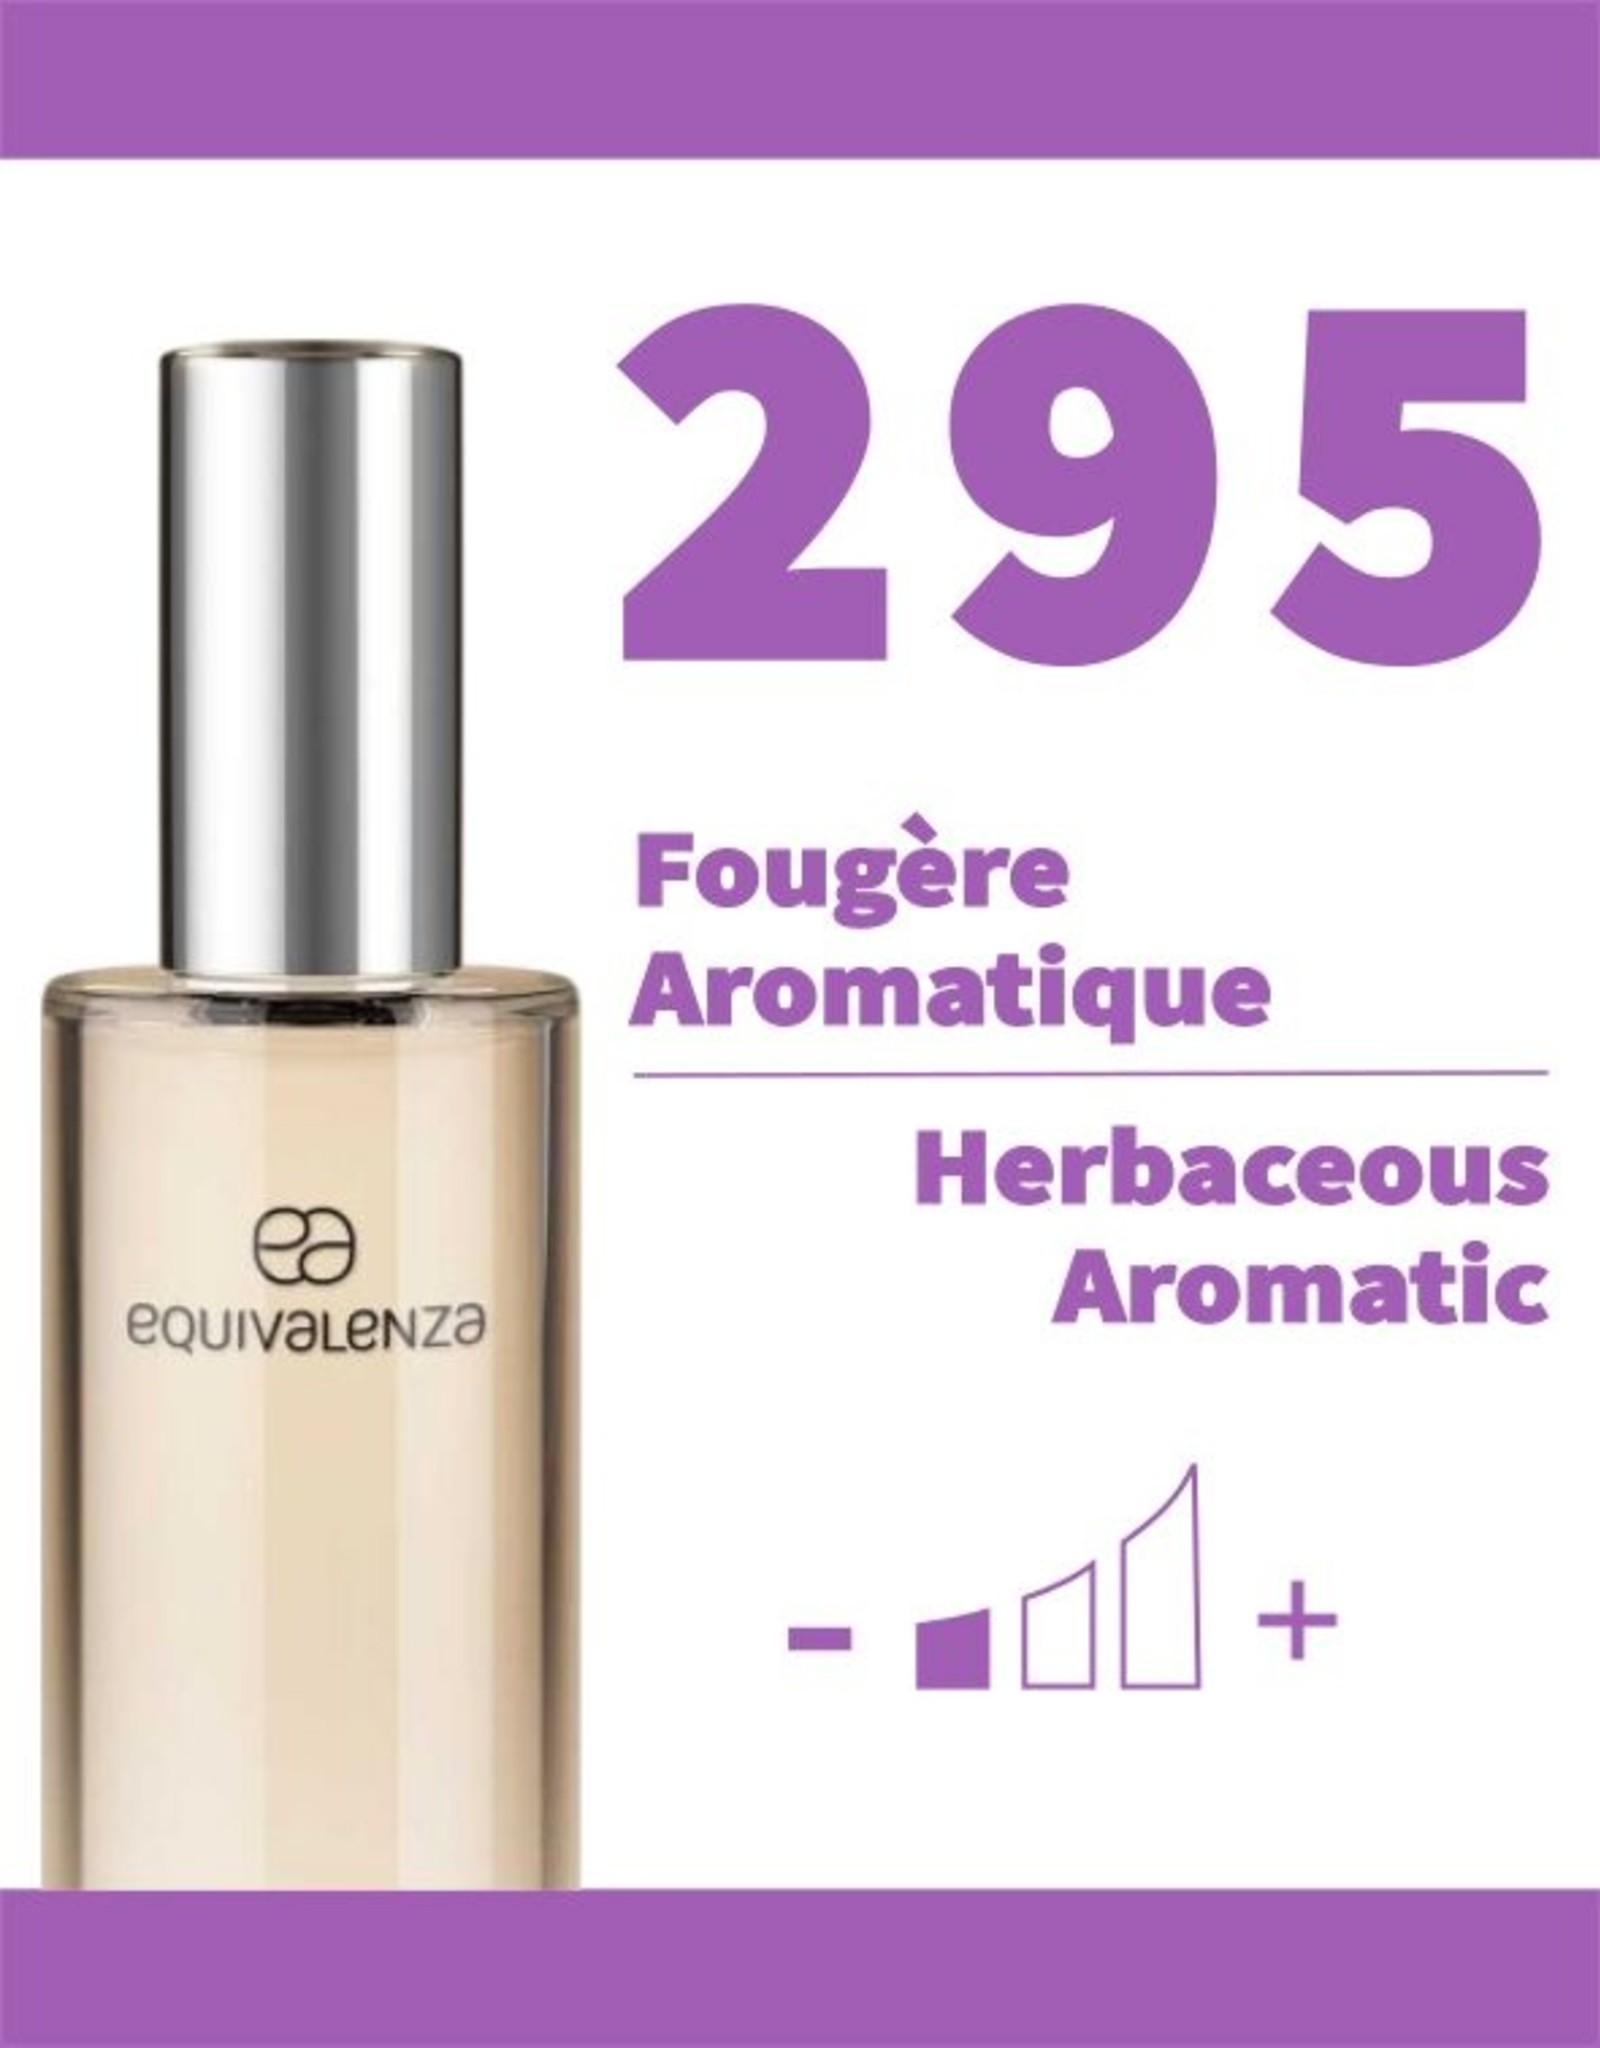 Equivalenza Eau de Parfum Herbaceous Aromatic 295